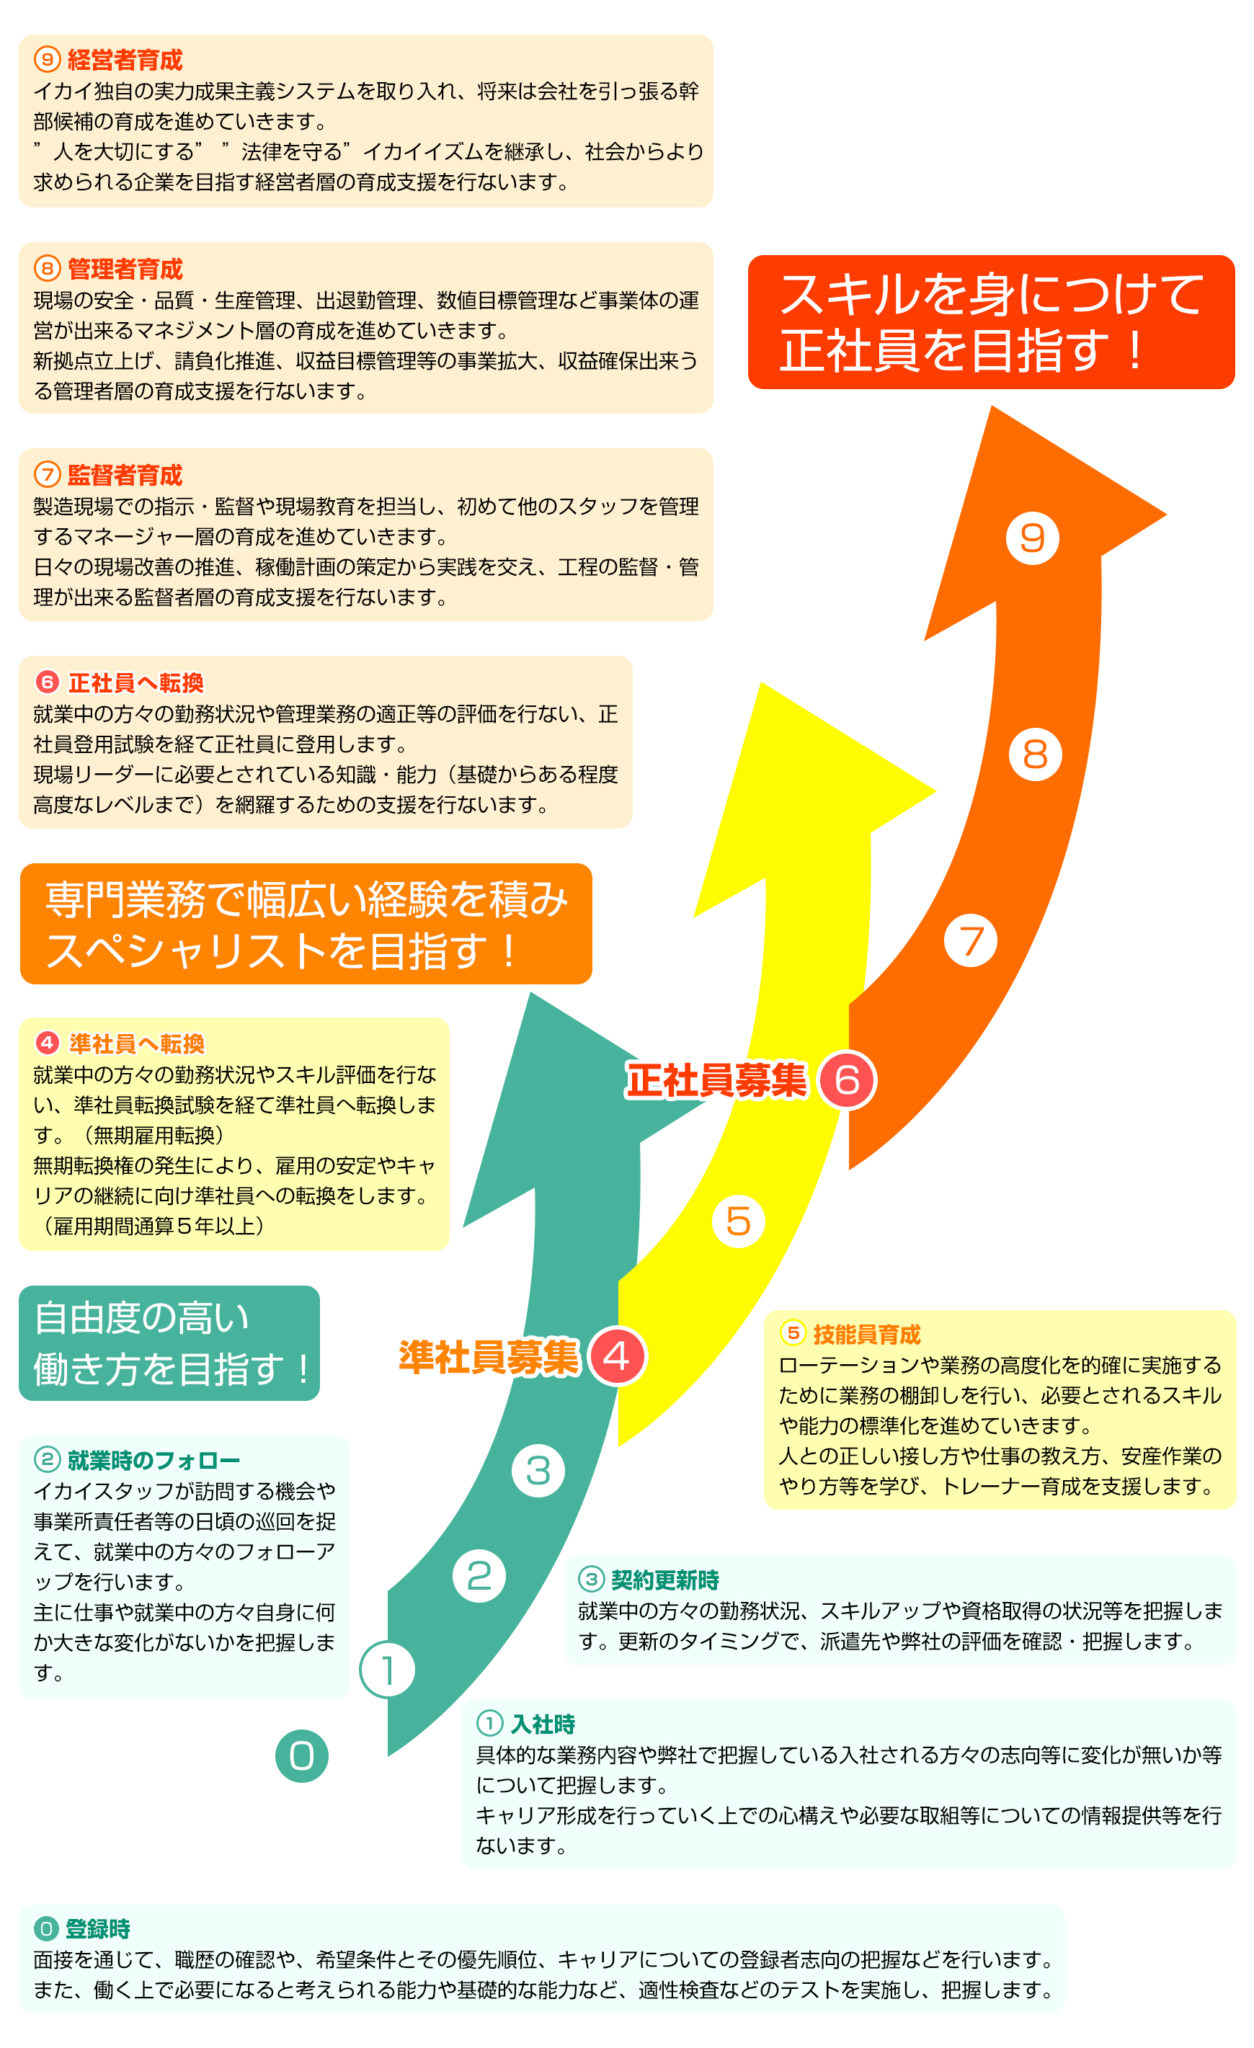 イカイ九州キャリアプログラム